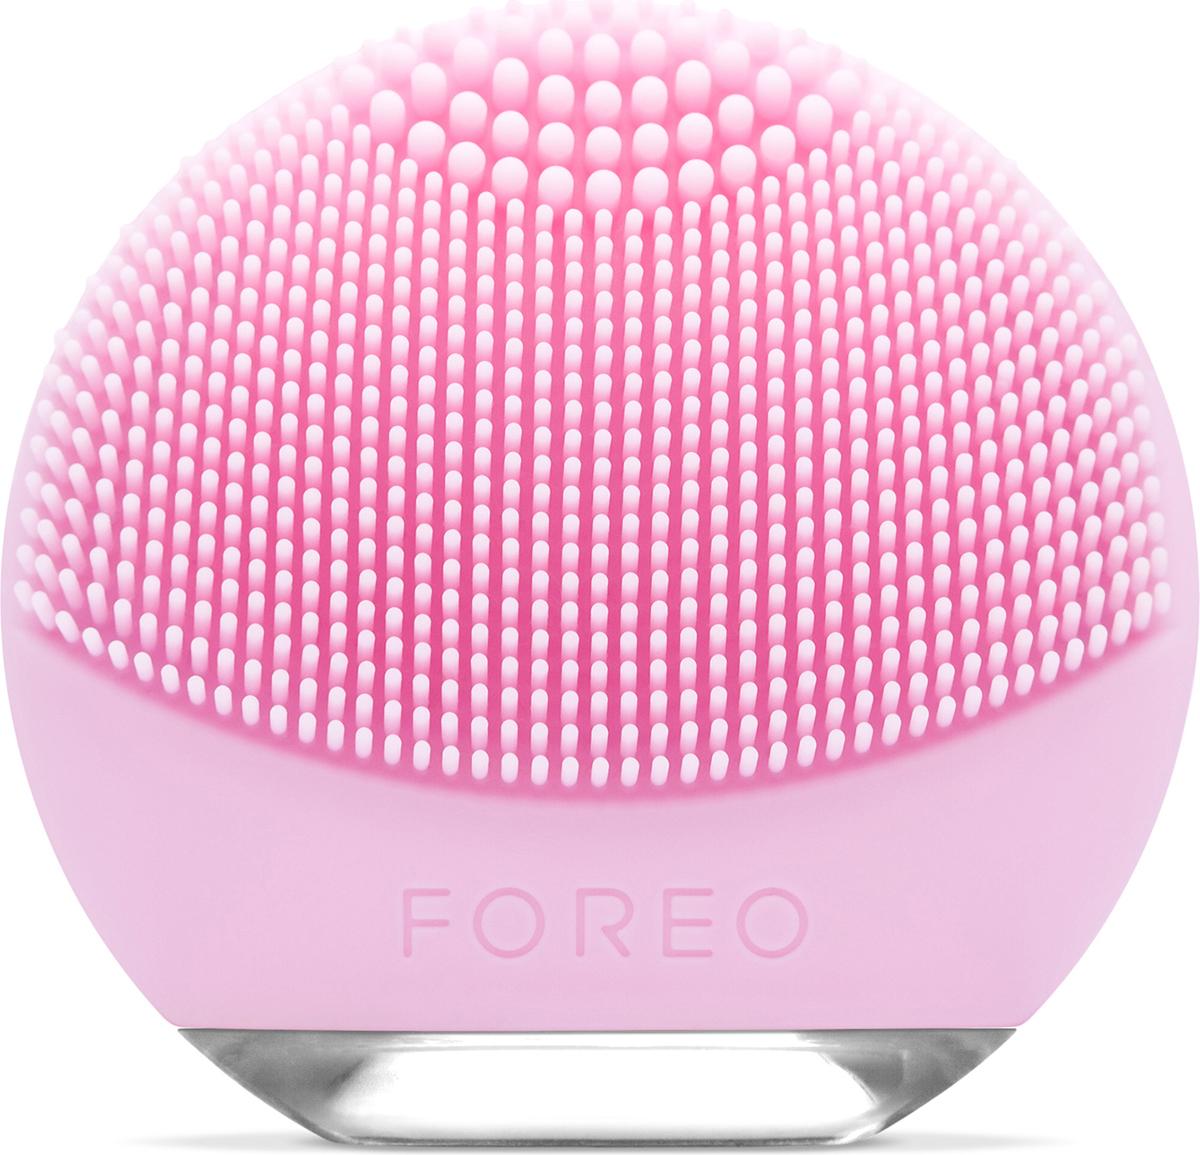 купить Foreo Щетка для очищения лица Luna Go, для нормальной кожи онлайн